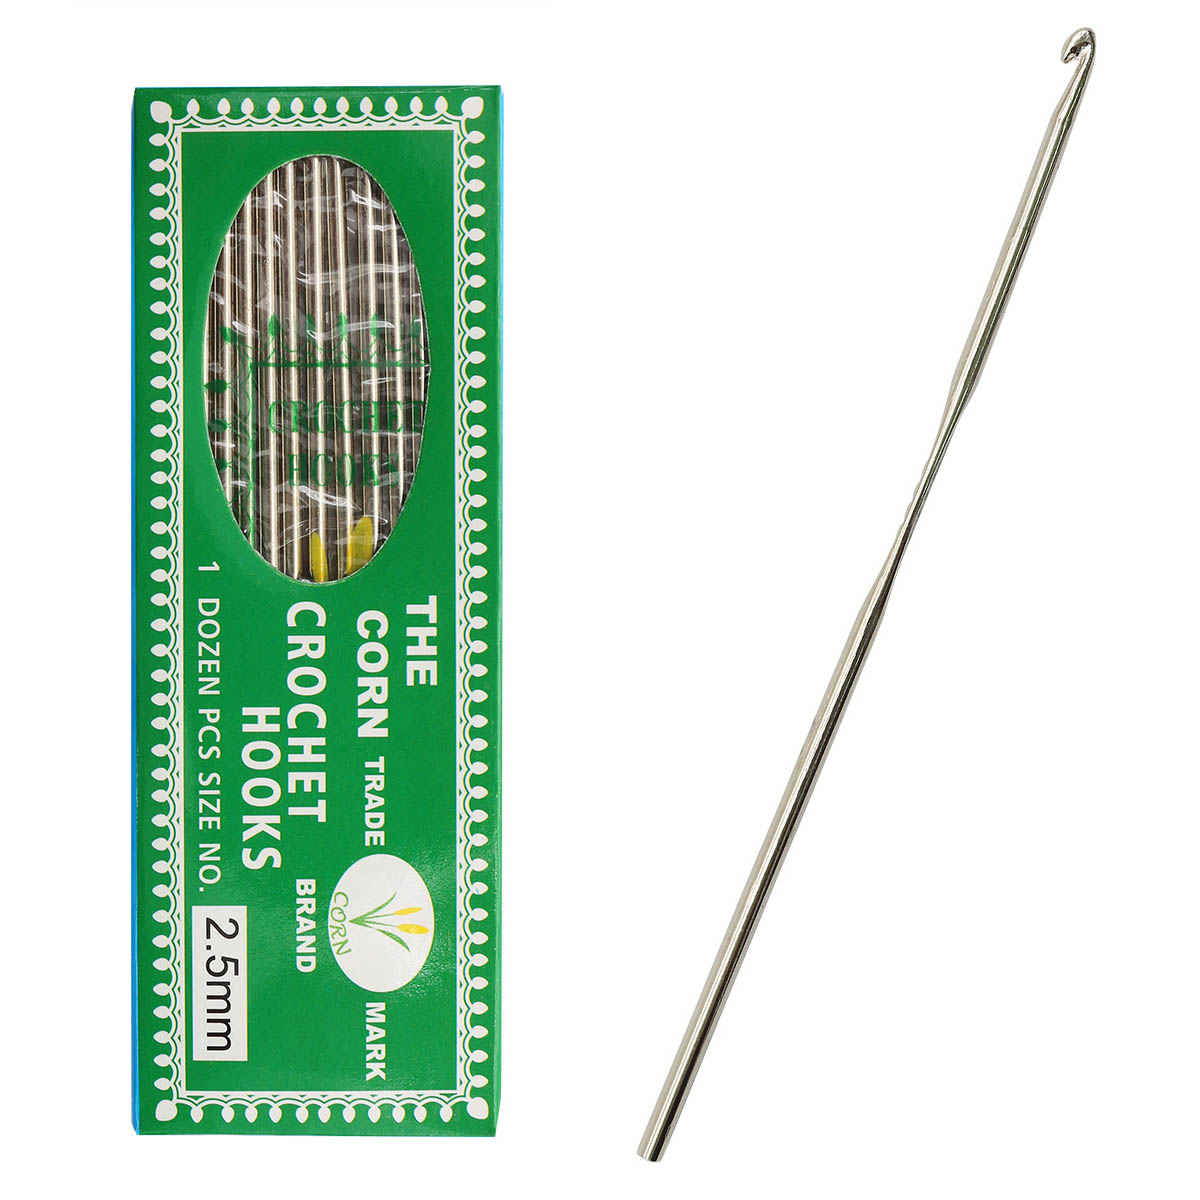 0333-6050 Крючок вязальный, 2,5 мм, упак./12 шт.